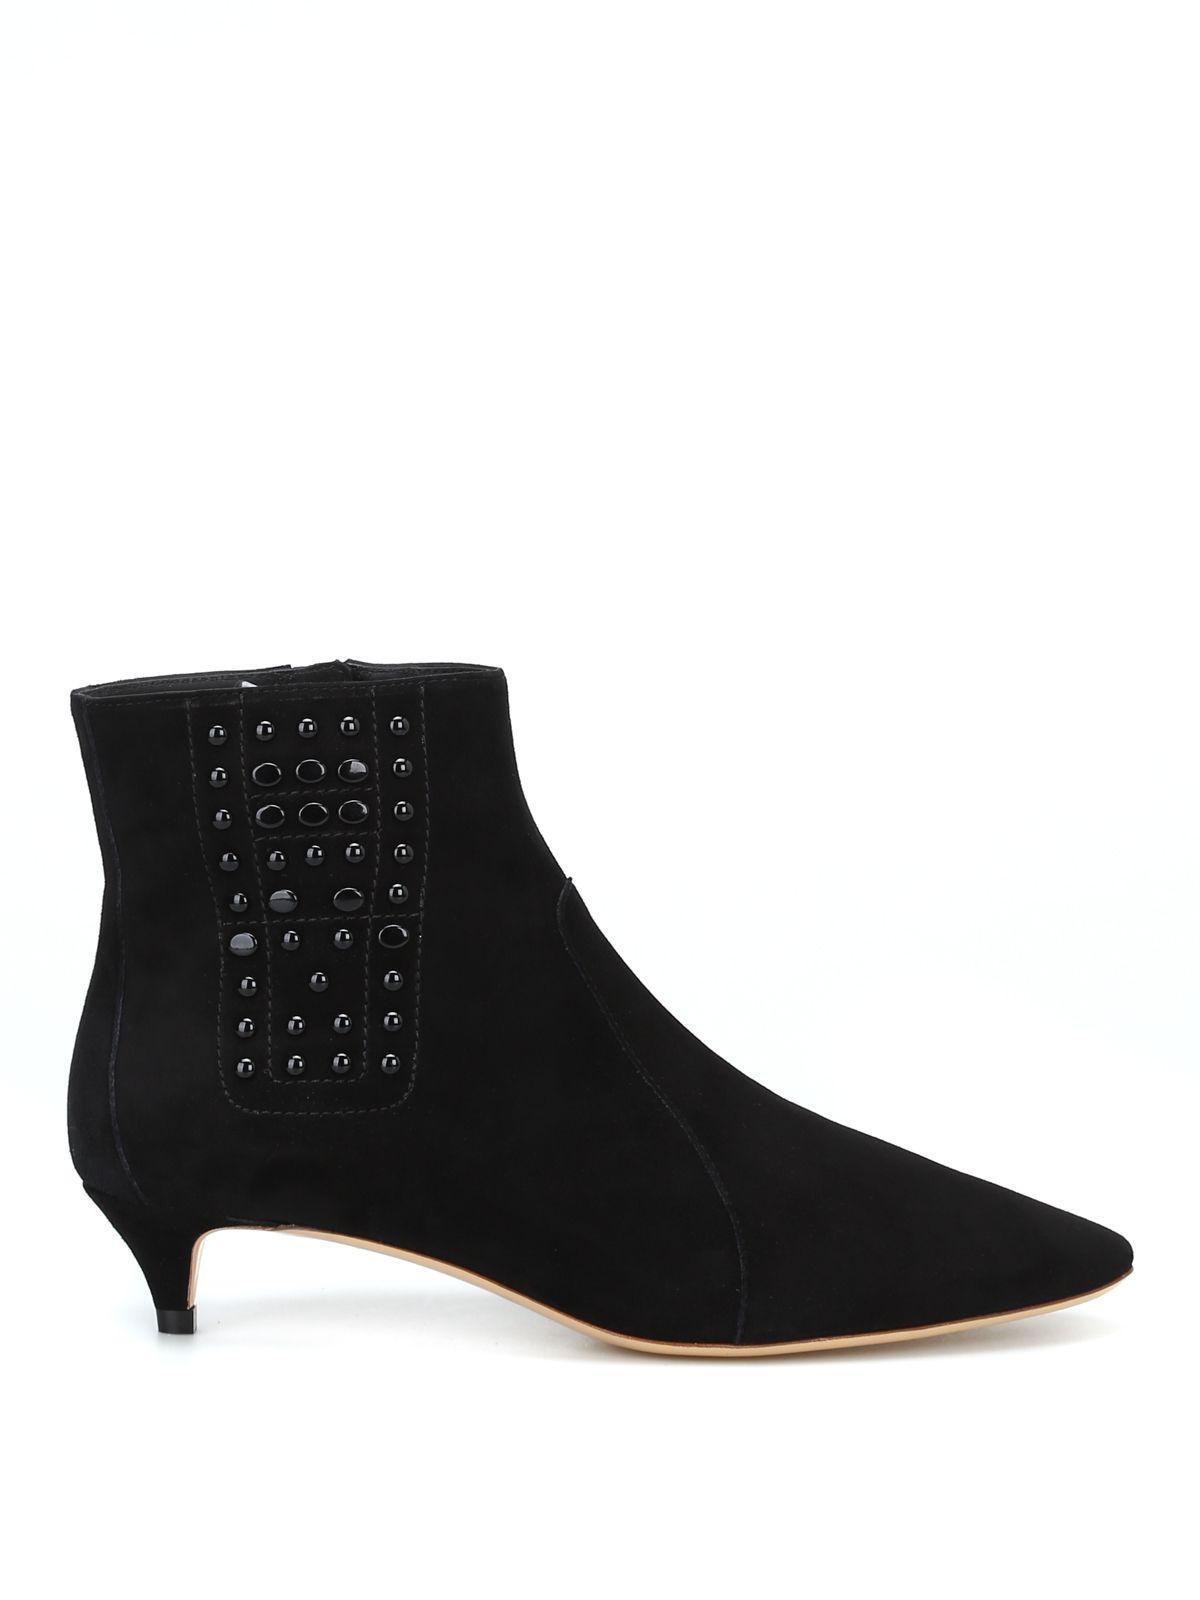 Tod's Women's Suede Heel Ankle Boots Booties In Black